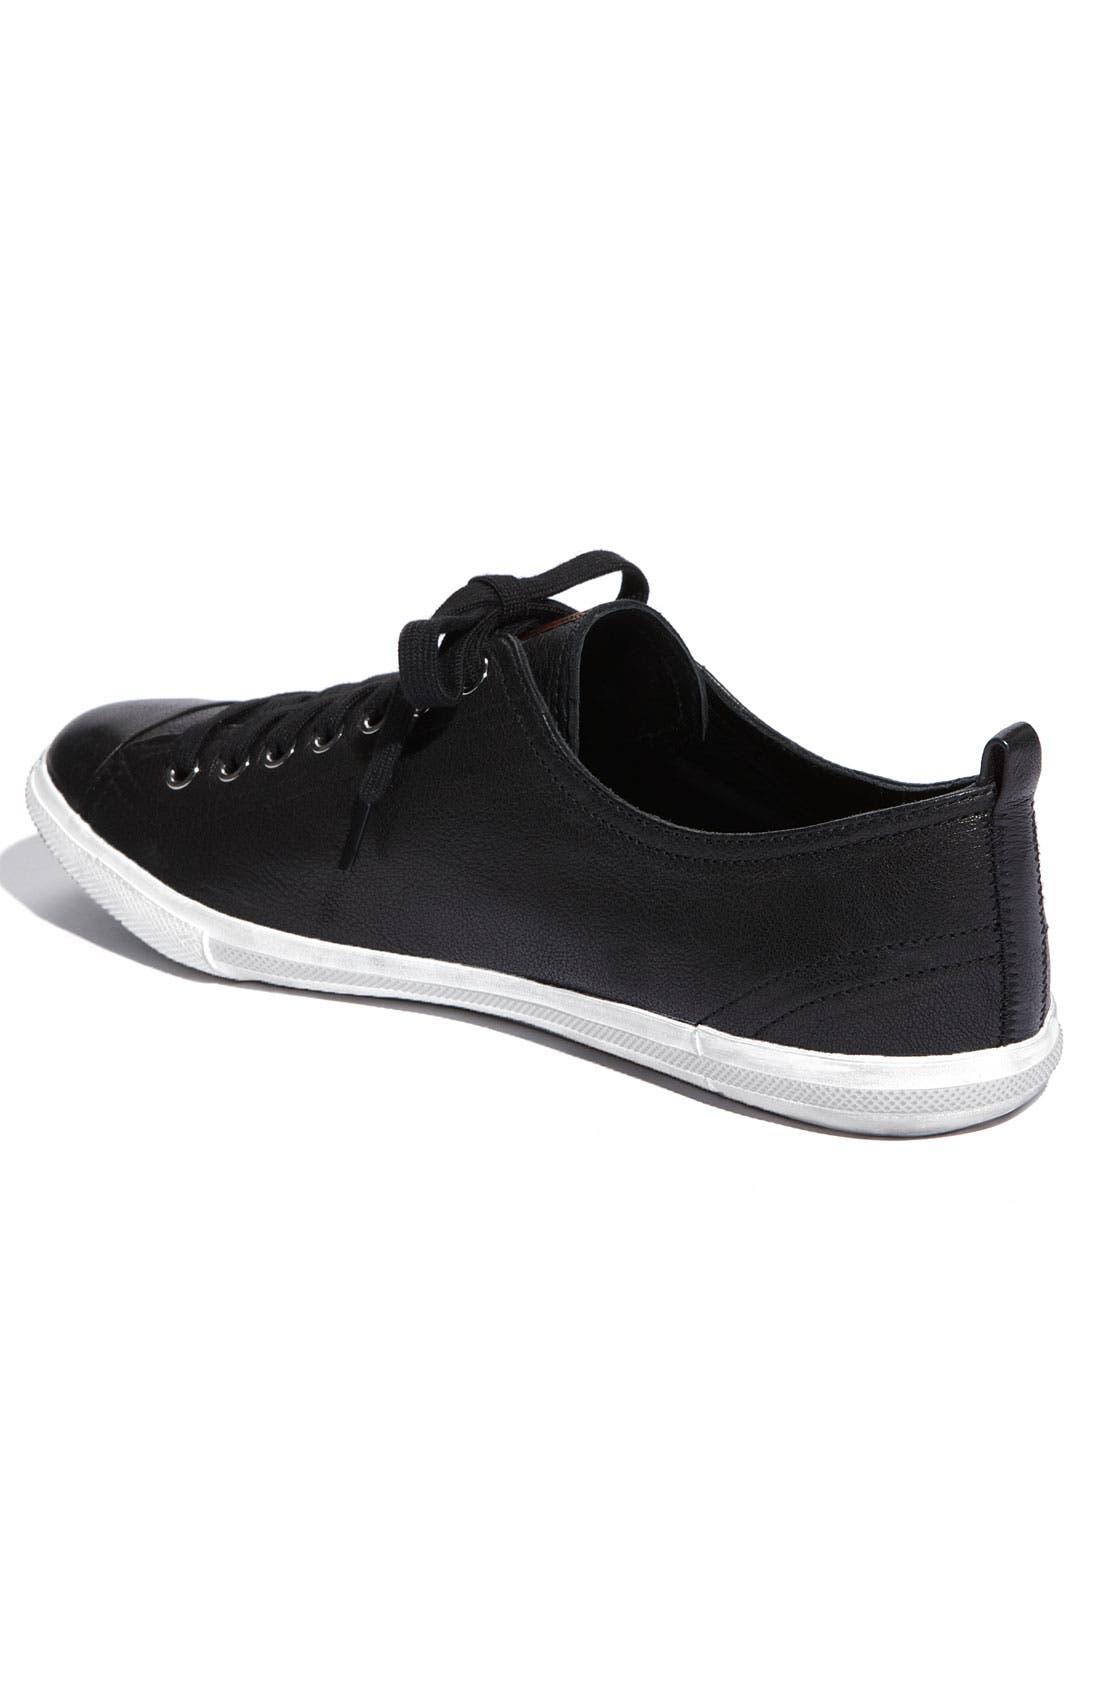 Alternate Image 2  - Prada Low Profile Sneaker (Men)